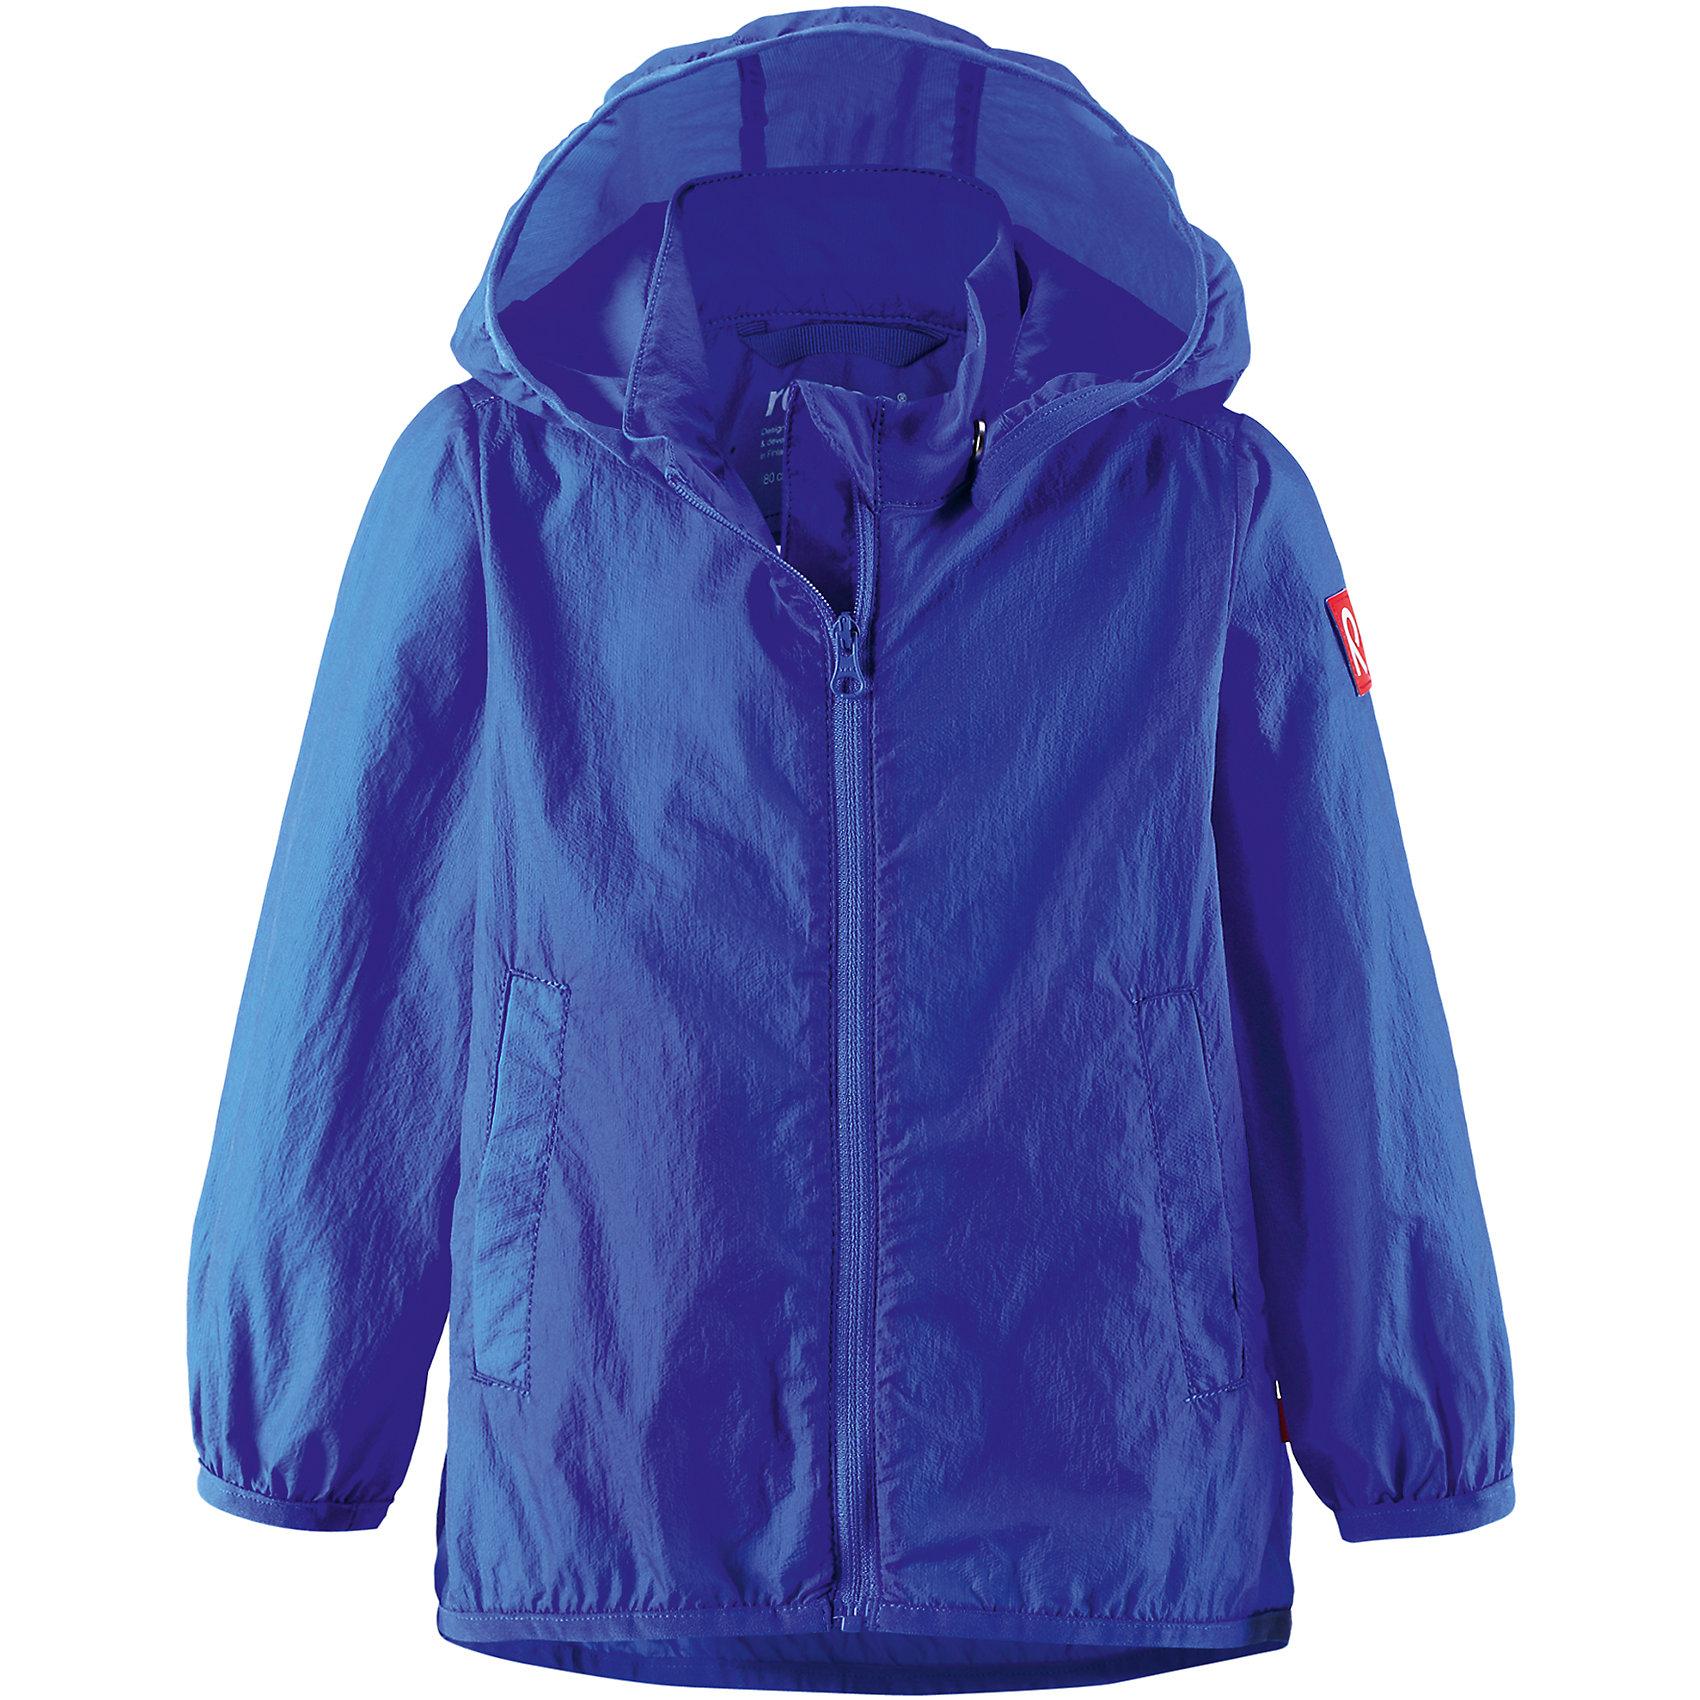 Куртка ReimaКуртка Reima (Рейма), синий от известного финского производителя  детской одежды Reima. Легкая куртка для девочки выполнена из полиамида, который обладает высокой износоустойчивостью, воздухопроницаемыми, водооталкивающими и грязеотталкивающими свойствами. Изделие устойчиво к изменению формы и цвета даже при длительном использовании. Куртка имеет классическую форму: прямой силуэт с удлиненной спинкой, застежка-молния с защитой у подбородка, капюшон, боковые втачные карманы и окантовка на рукавах и по низу изделия. Куртка имеет полиуретановое покрытие, что делает ее непромокаемой даже в дождливую погоду.    <br><br>Дополнительная информация:<br><br>- Предназначение: повседневная одежда для прогулок и активного отдыха<br>- Цвет: синий<br>- Пол: для мальчика<br>- Состав: 100% полиамид, полиуретановое покрытие<br>- Сезон: весна-осень<br>- Особенности ухода: стирать изделие, предварительно вывернув его на левую сторону, не использовать отбеливающие вещества<br><br>Подробнее:<br><br>• Для детей в возрасте: от 2 лет и до 3 лет<br>• Страна производитель: Китай<br>• Торговый бренд: Reima, Финляндия<br><br>Куртку Reima (Рейма), синий можно купить в нашем интернет-магазине.<br><br>Ширина мм: 356<br>Глубина мм: 10<br>Высота мм: 245<br>Вес г: 519<br>Возраст от месяцев: 18<br>Возраст до месяцев: 24<br>Пол: Унисекс<br>Возраст: Детский<br>Размер: 92,98,86<br>SKU: 4863928